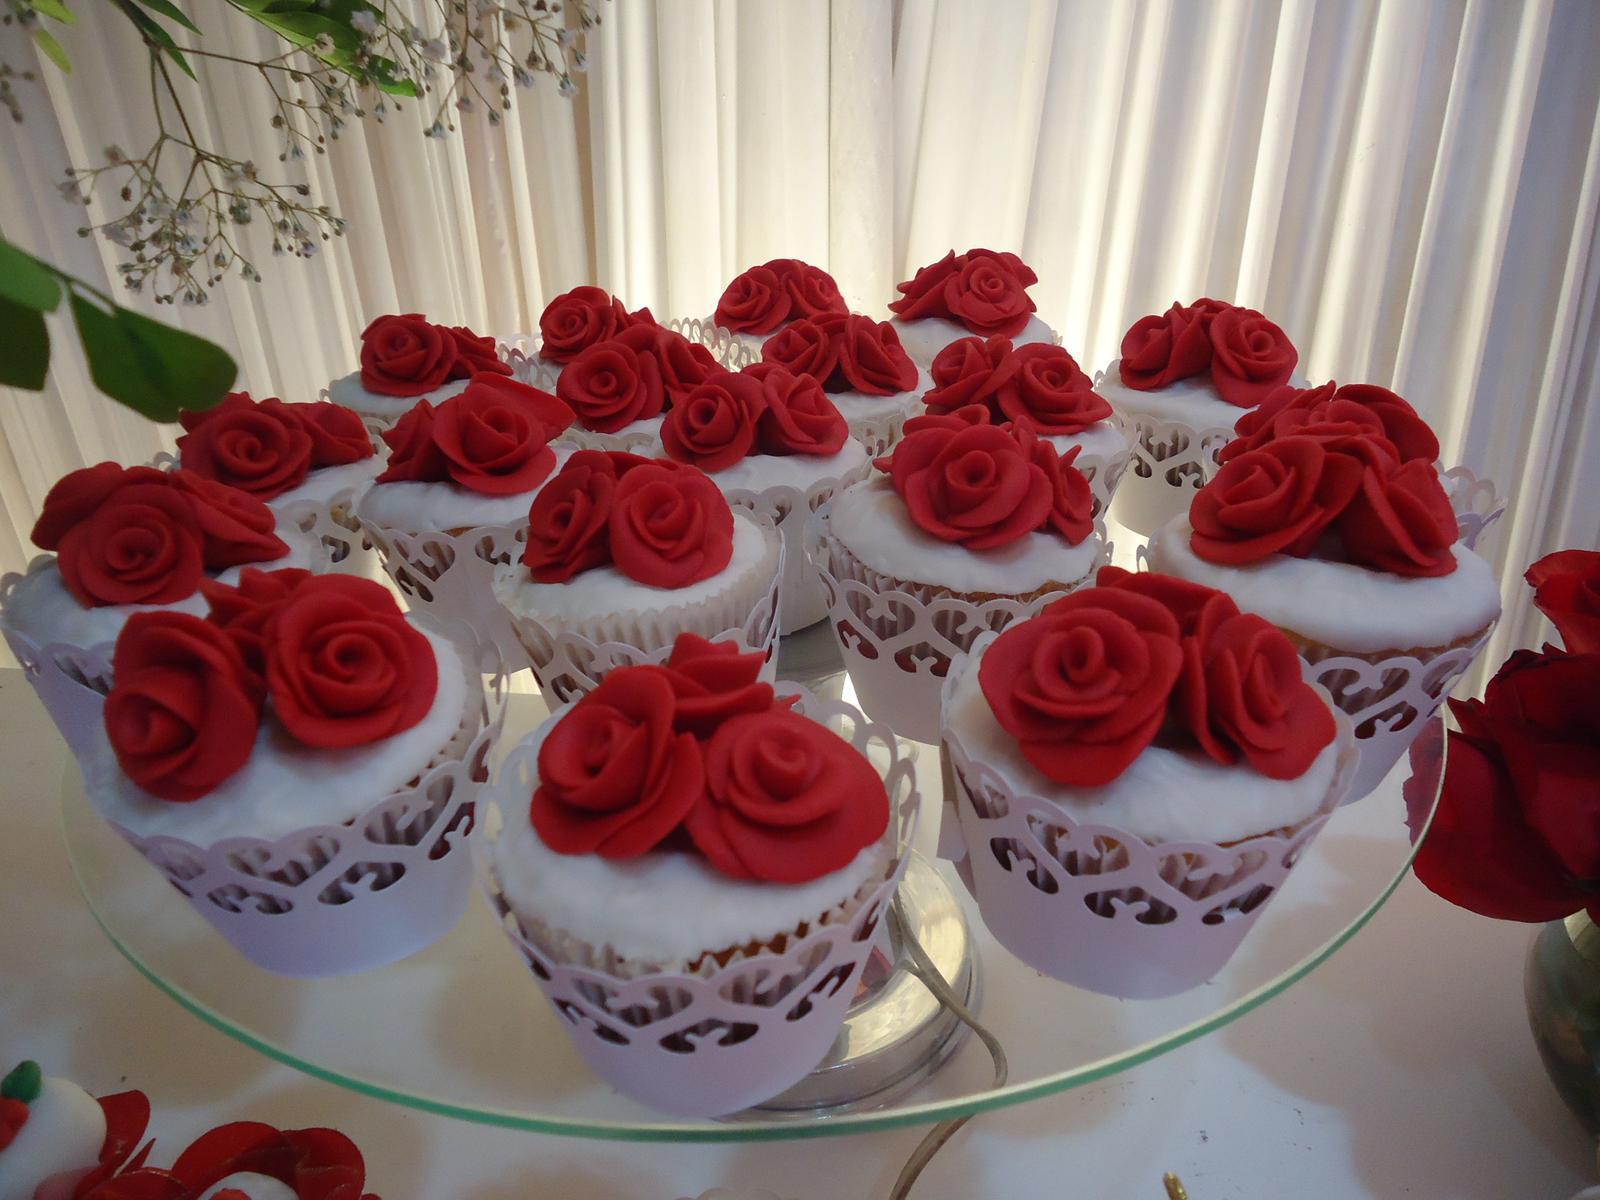 Muffinky a cup cakes inšpirácie - Obrázok č. 52